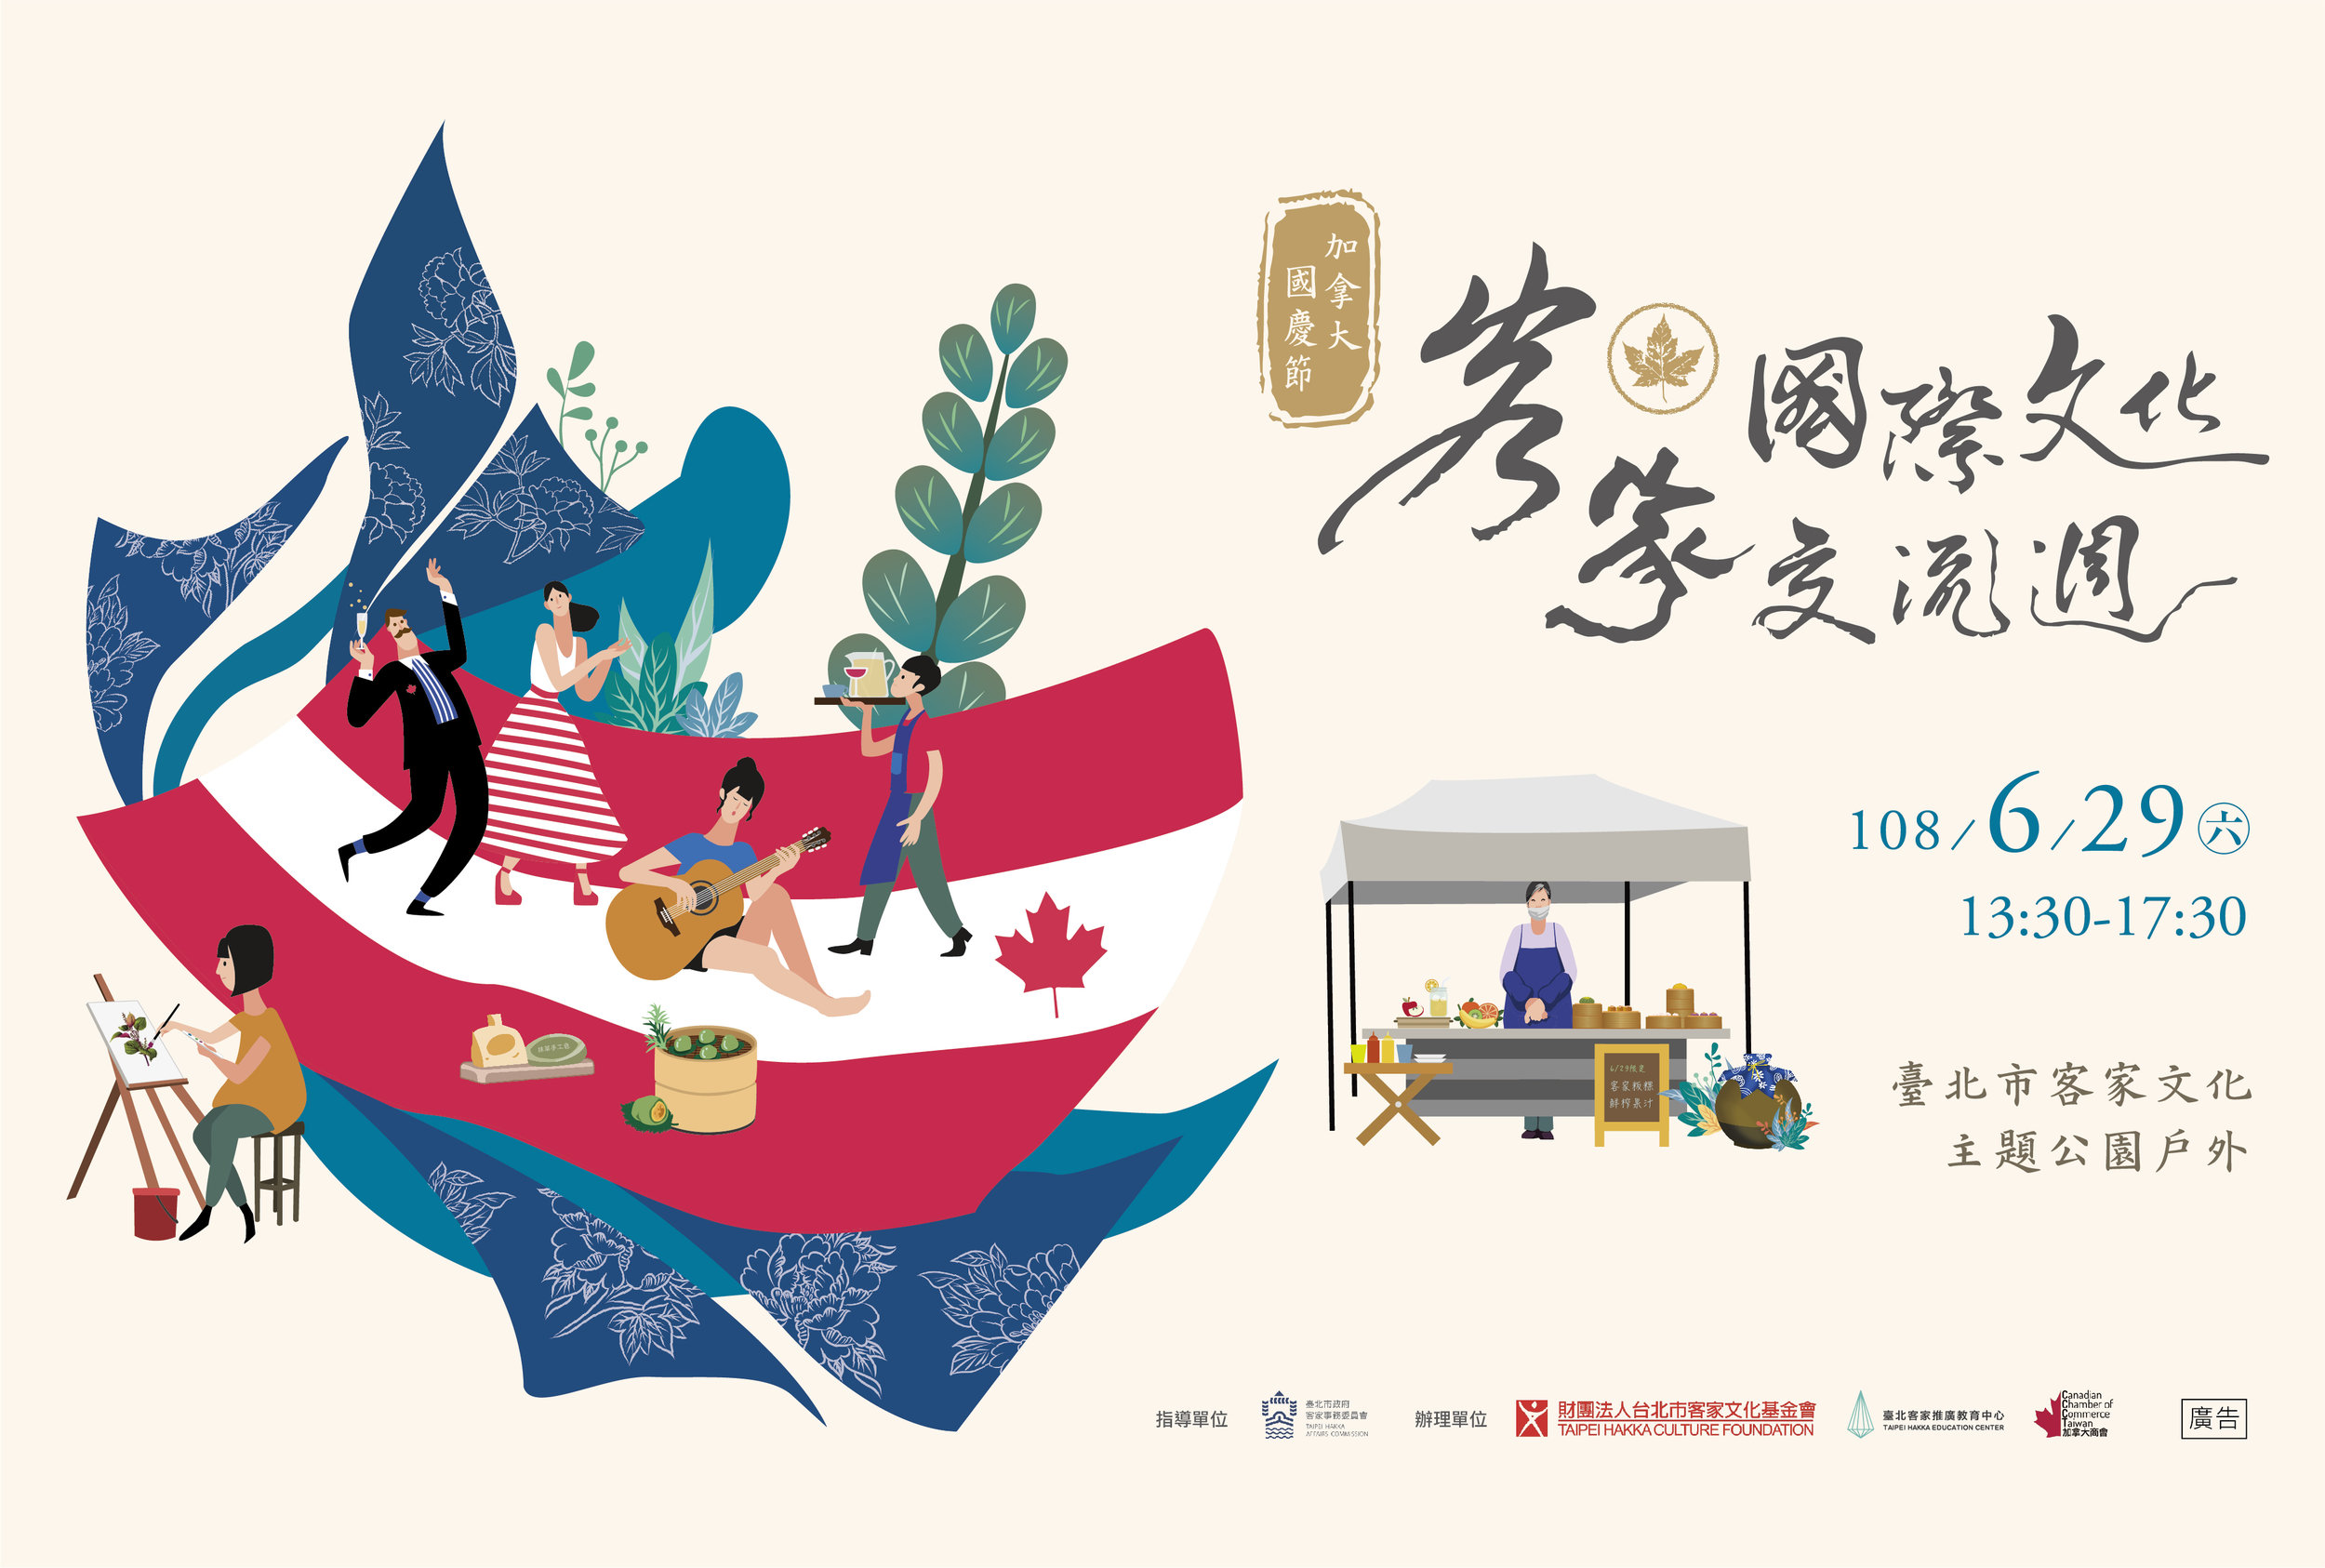 加拿大國慶節banner設計一稿20190624.jpg